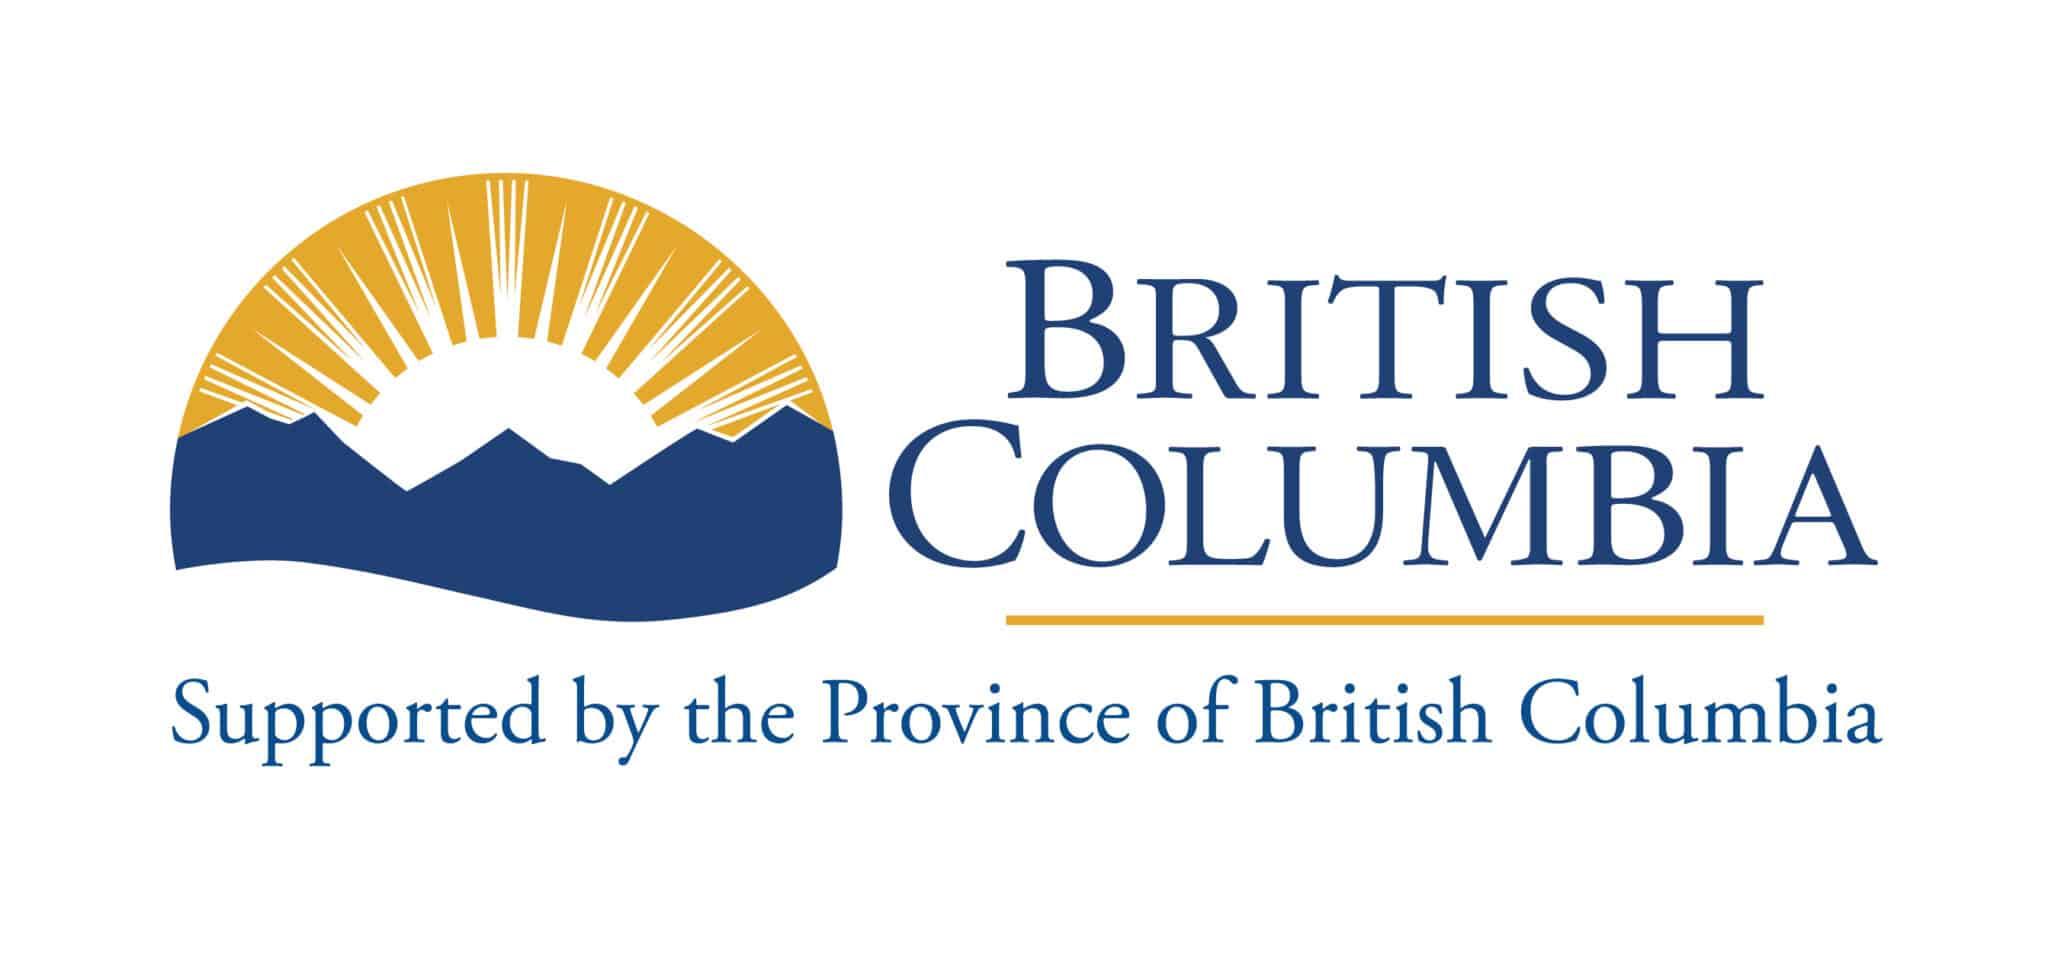 Định cư công nghệ tỉnh bang British Columbia trở thành chương trình chính thức